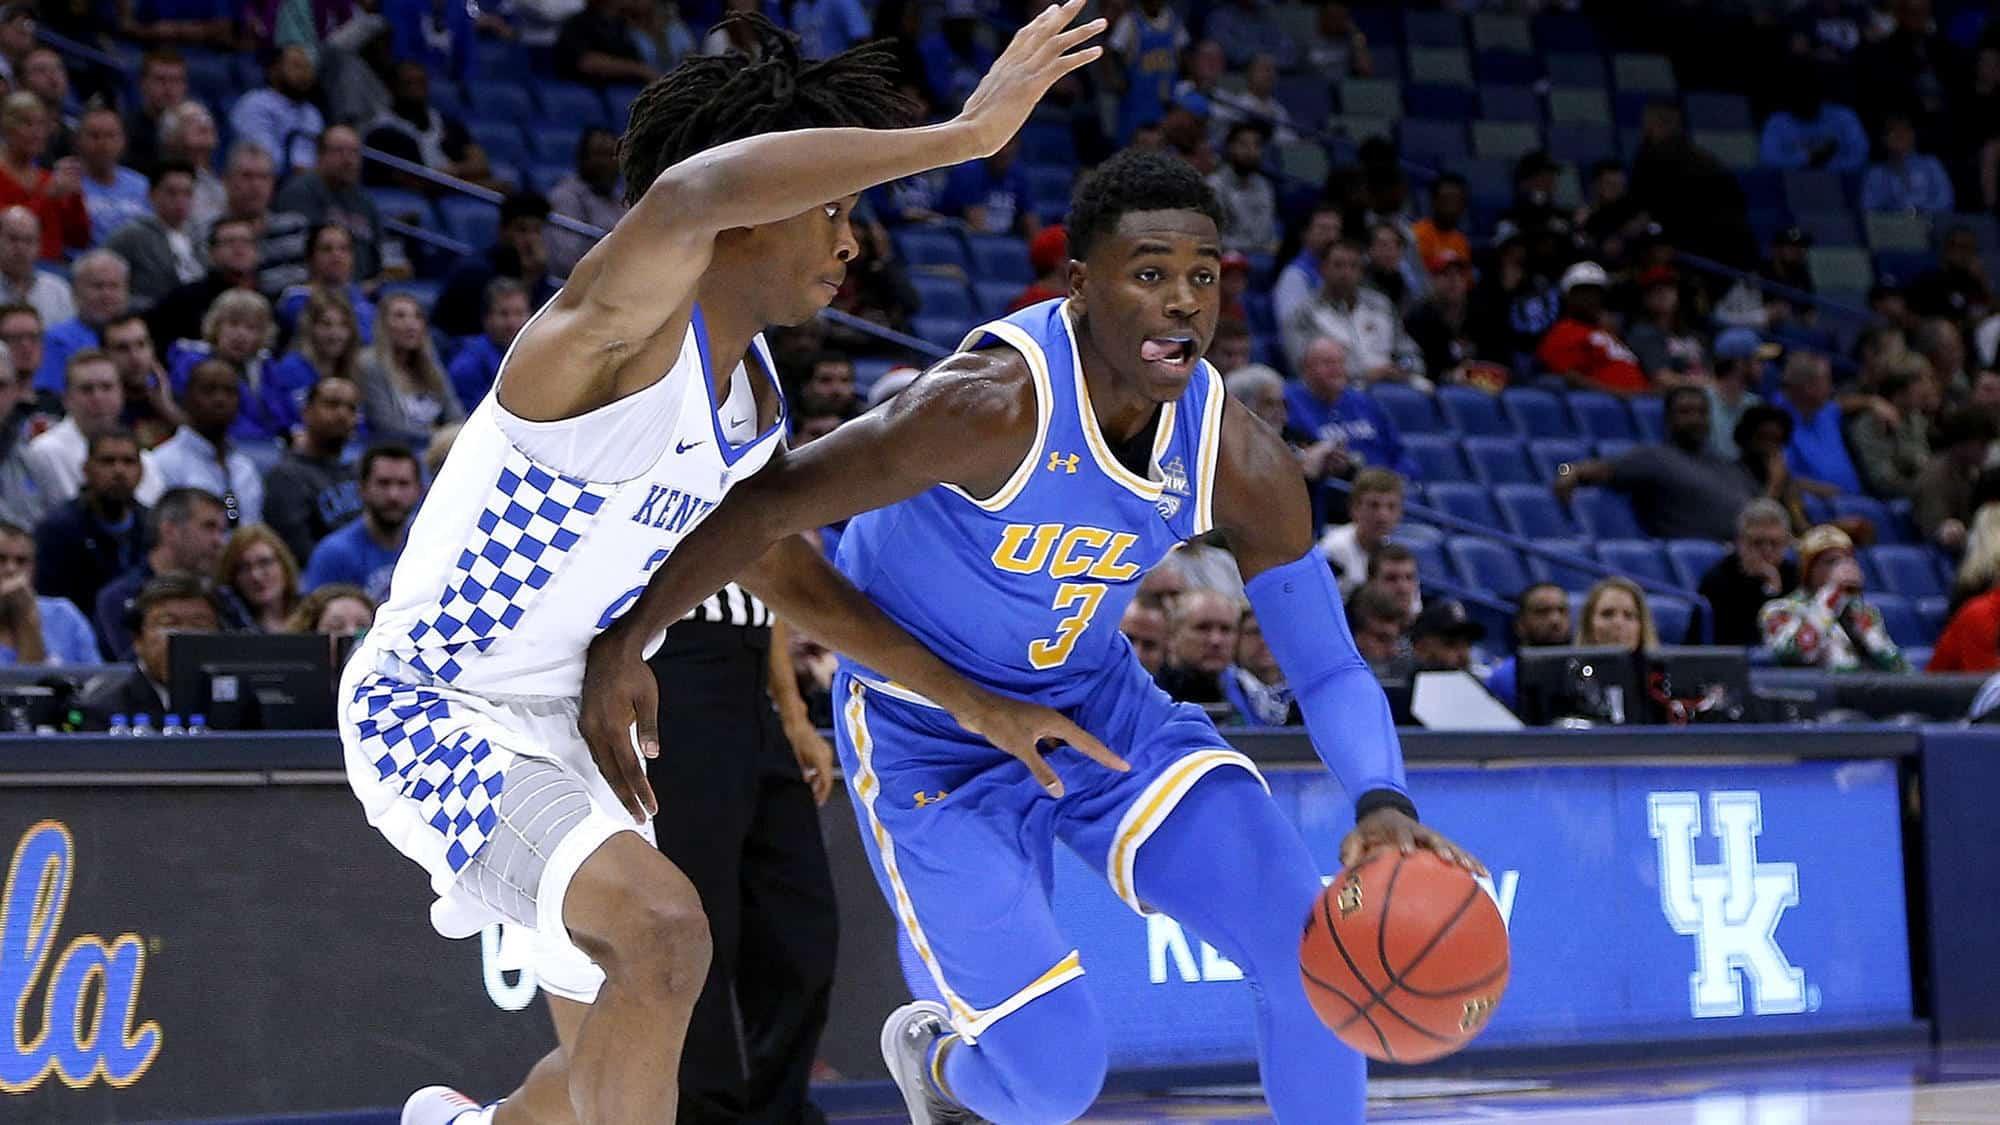 Natale amaro per Kentucky, vince UCLA